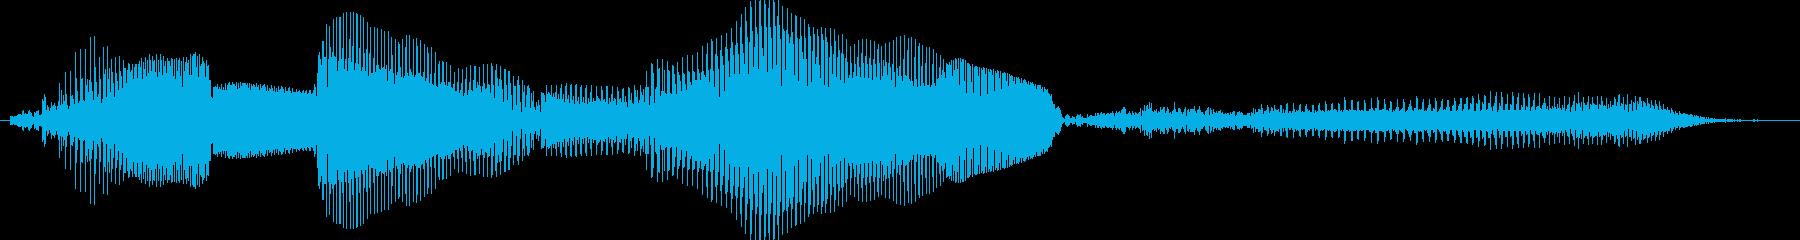 いま何時?の再生済みの波形